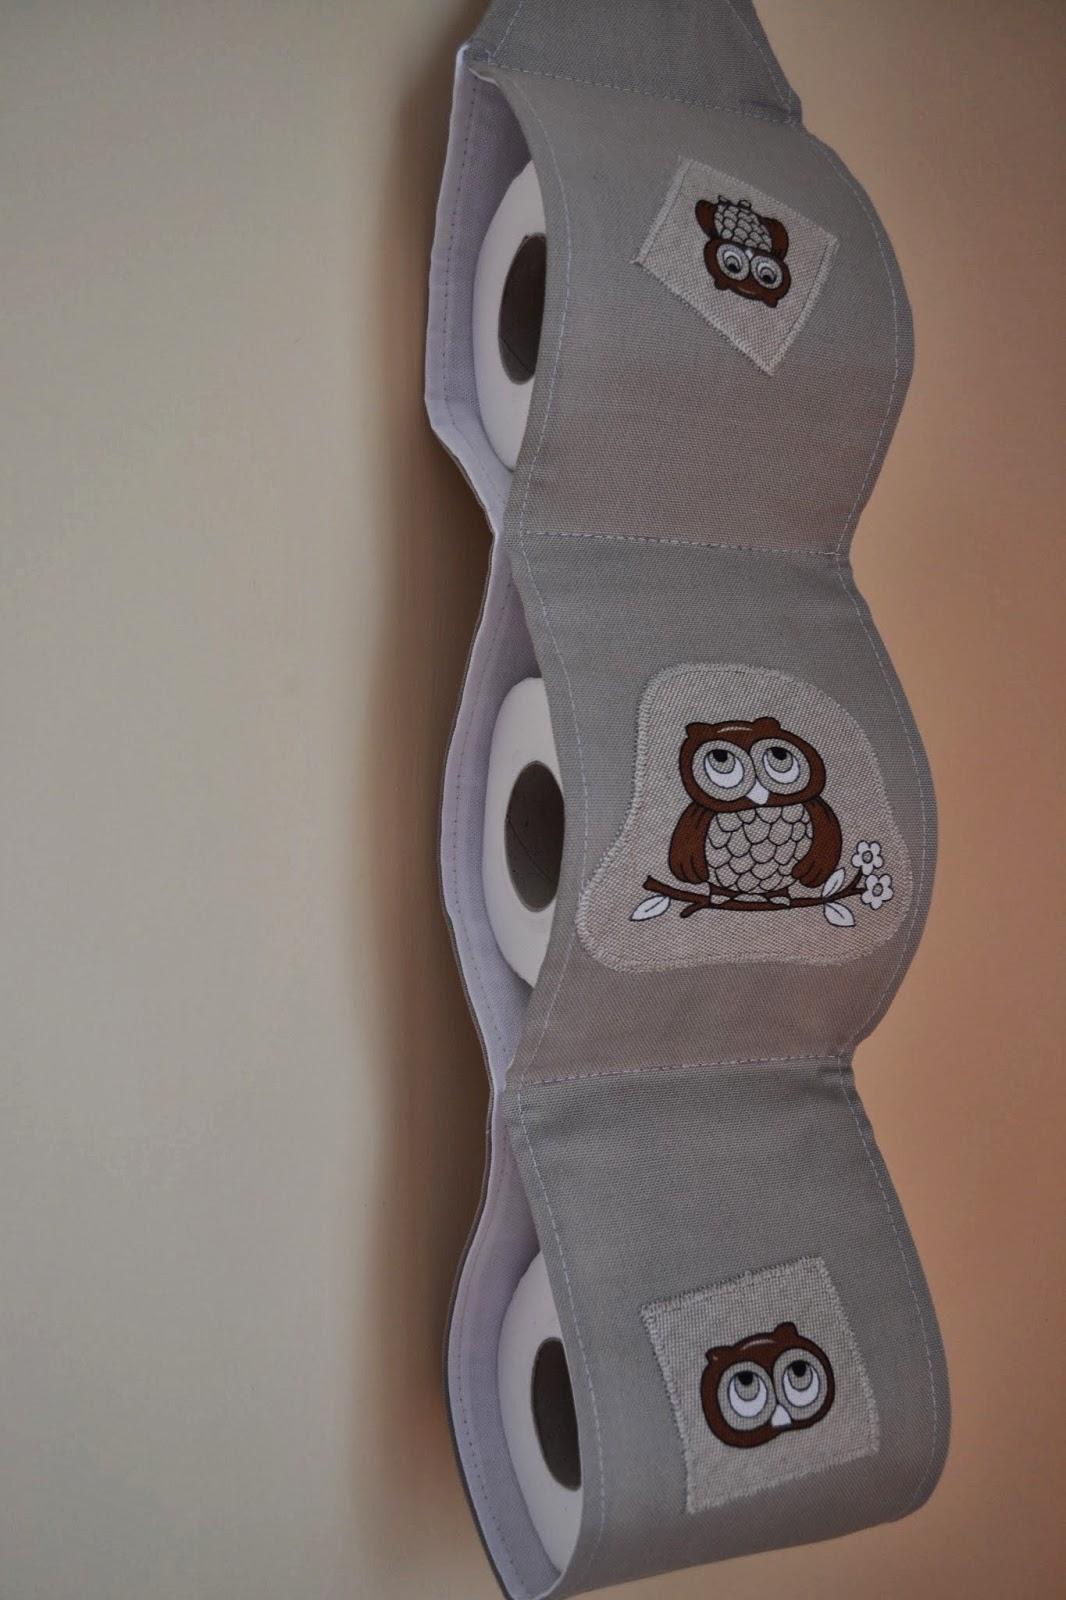 Popolare stoffa amore e fantasie: porta rotoli carta igienica CC28